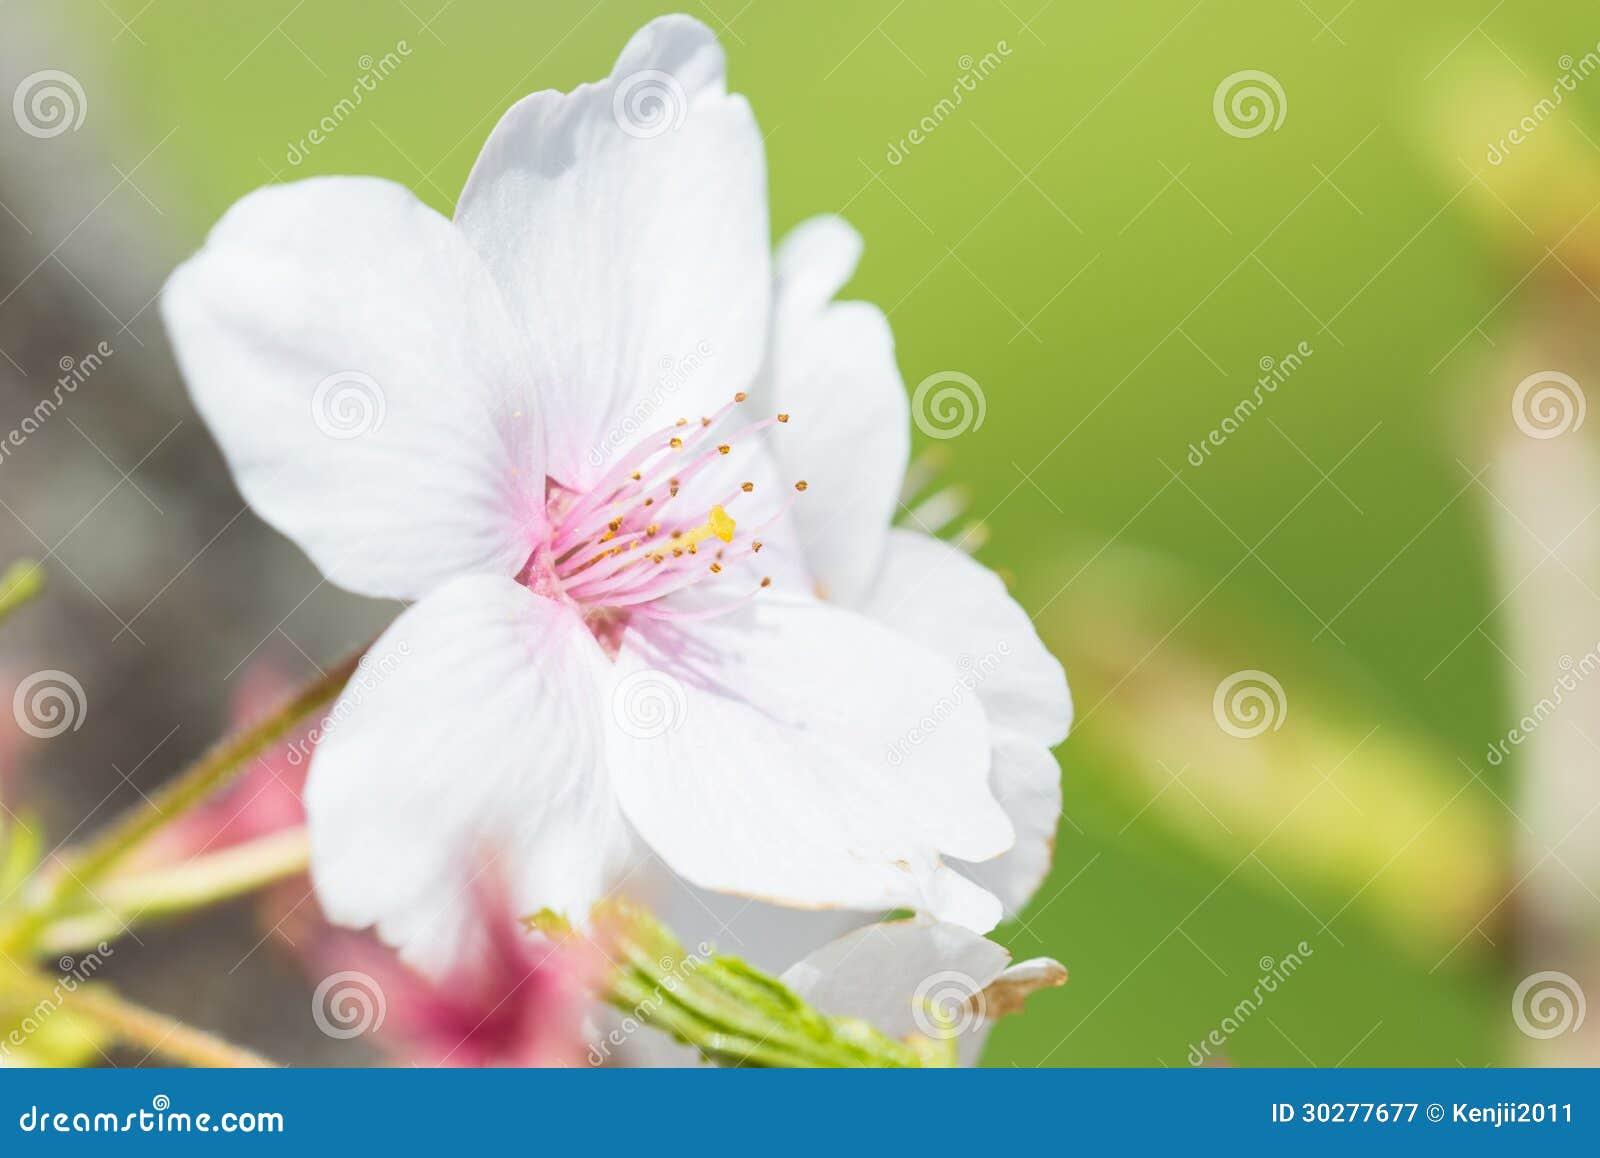 樱花的特写镜头照片